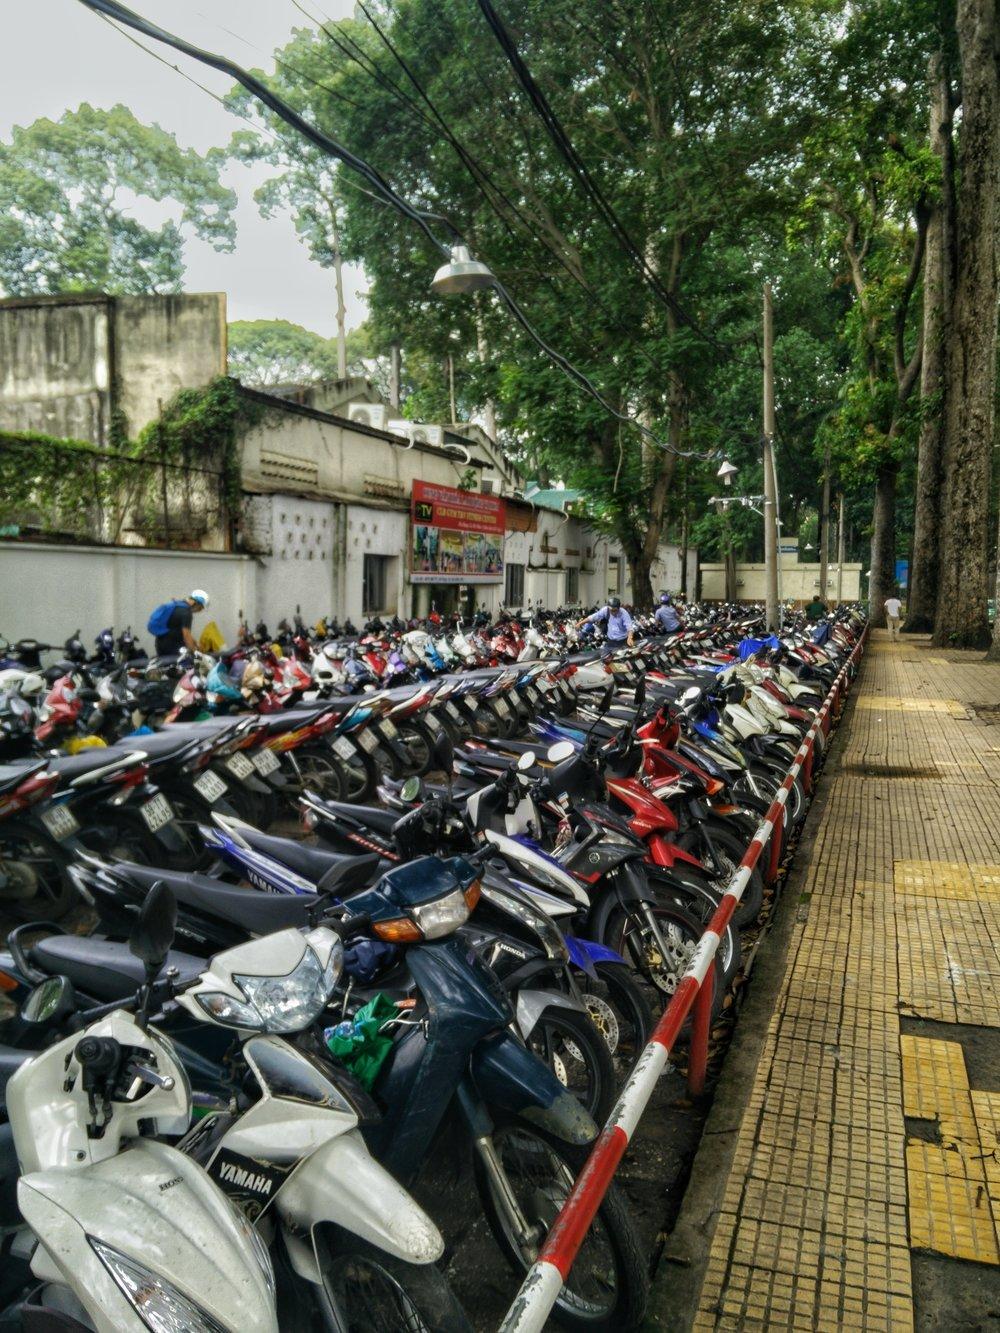 Fiets parkeren? Nee, scooter parkeren!